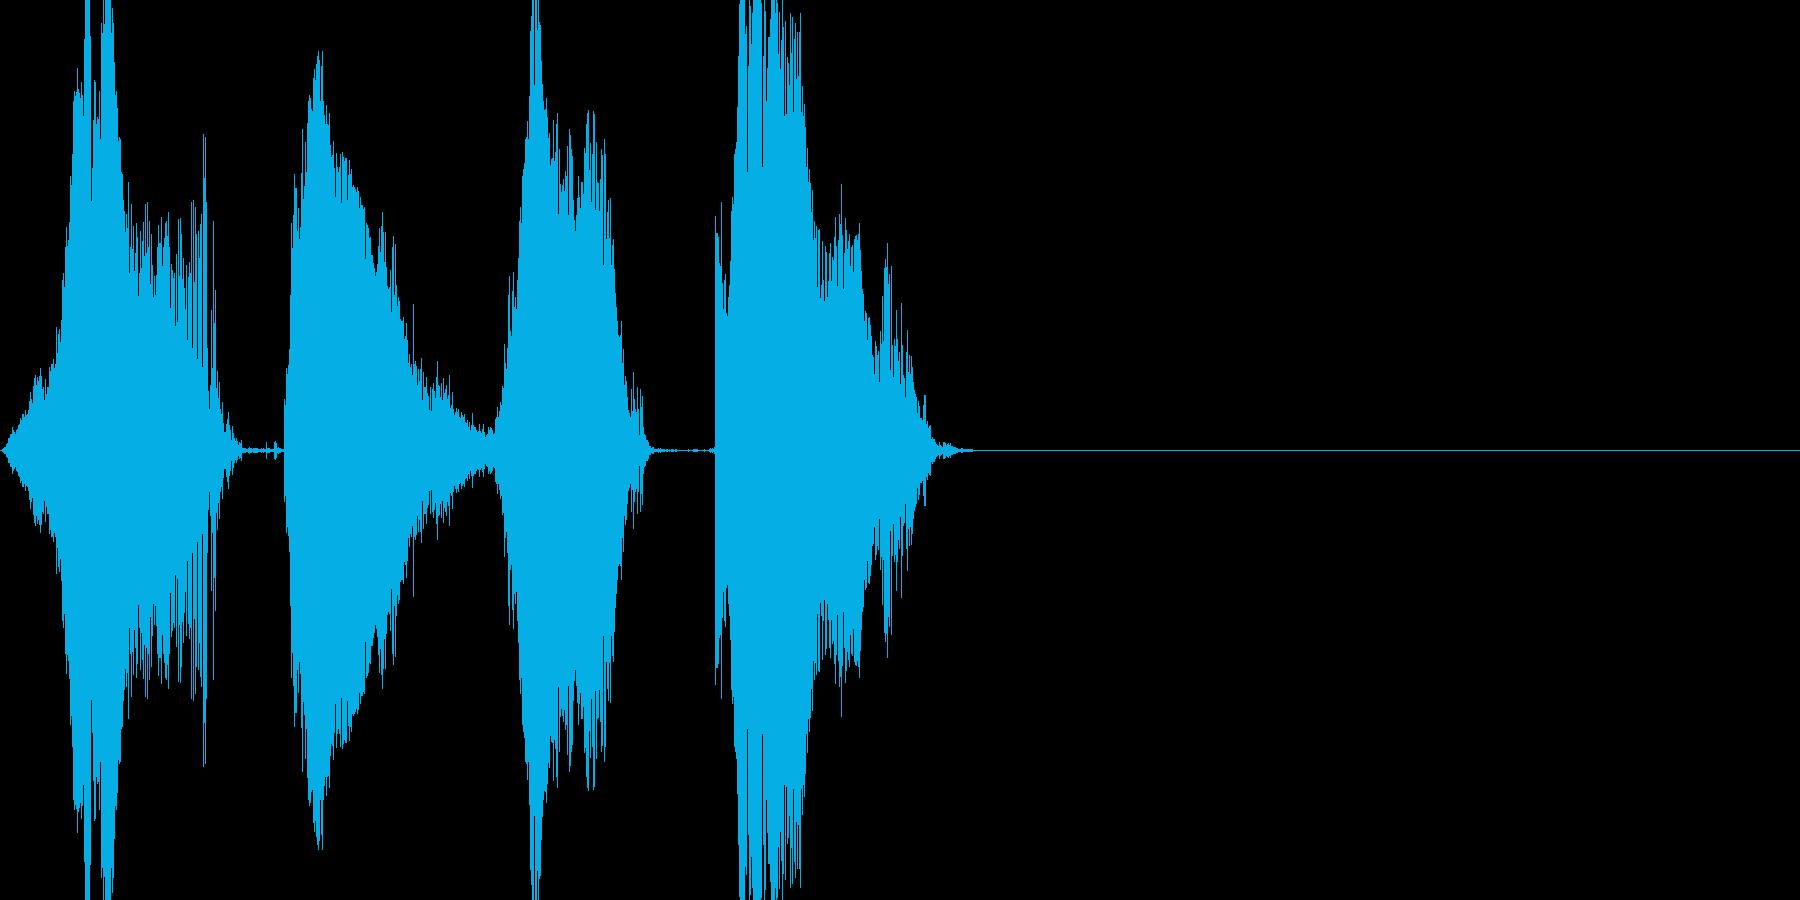 ワンツースリーGO! 140 カウントの再生済みの波形